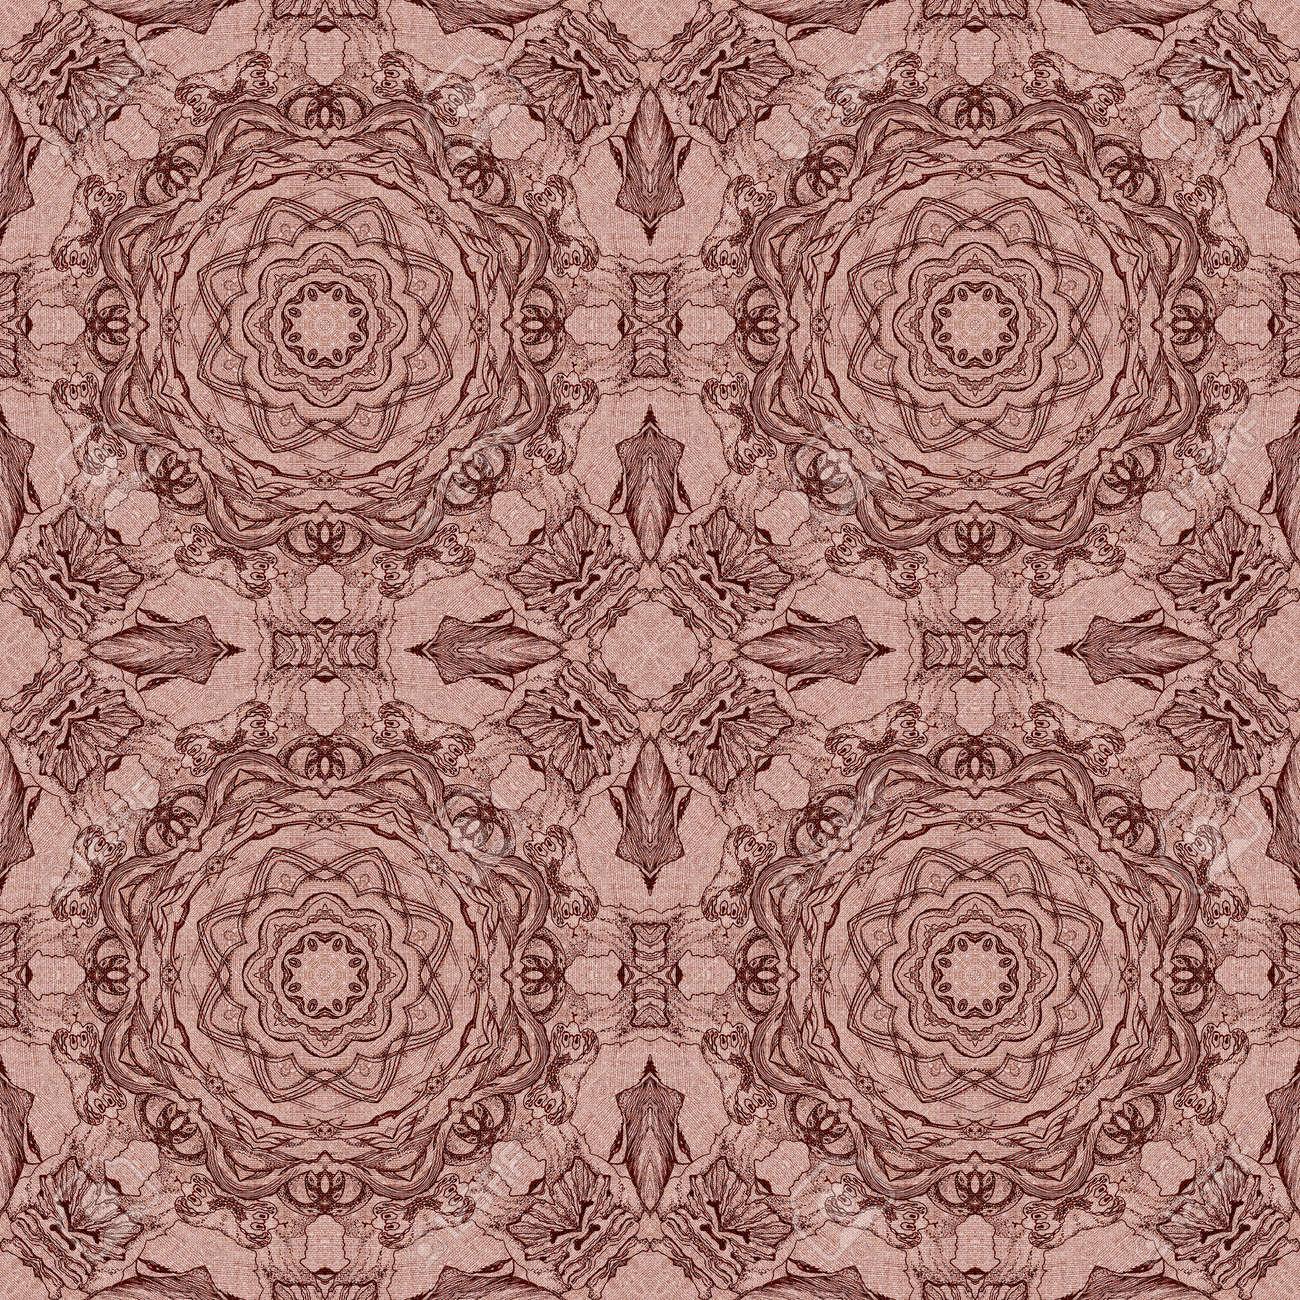 nahtlose knstlerischen hintergrund abstrakte grafische muster auf vintage leinwand standard bild 30168187 - Grafische Muster